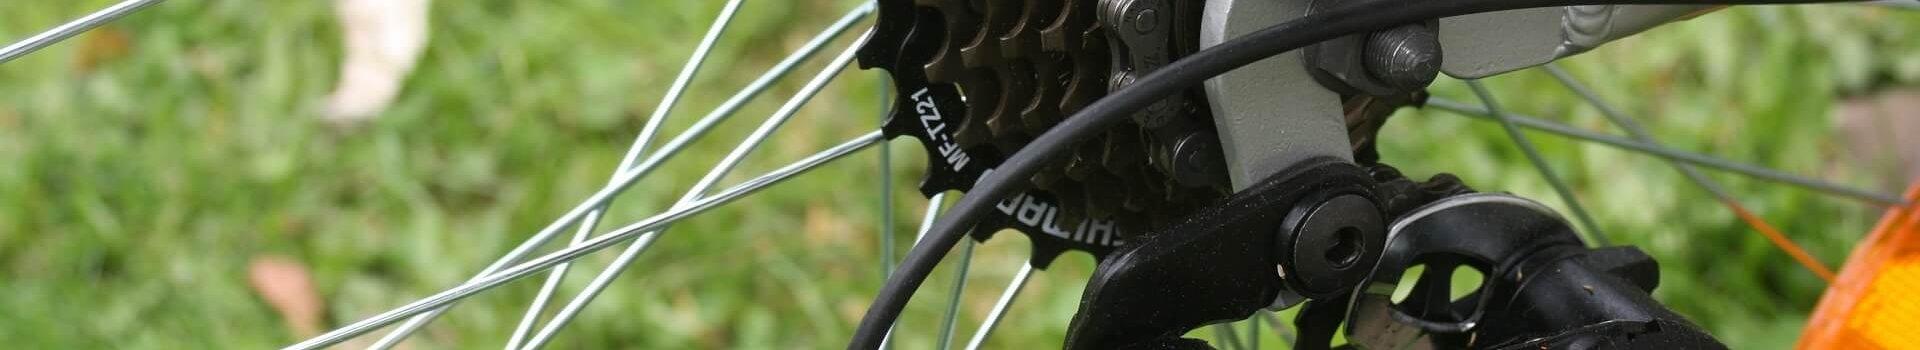 Jak serwisować przerzutki rowerowe?